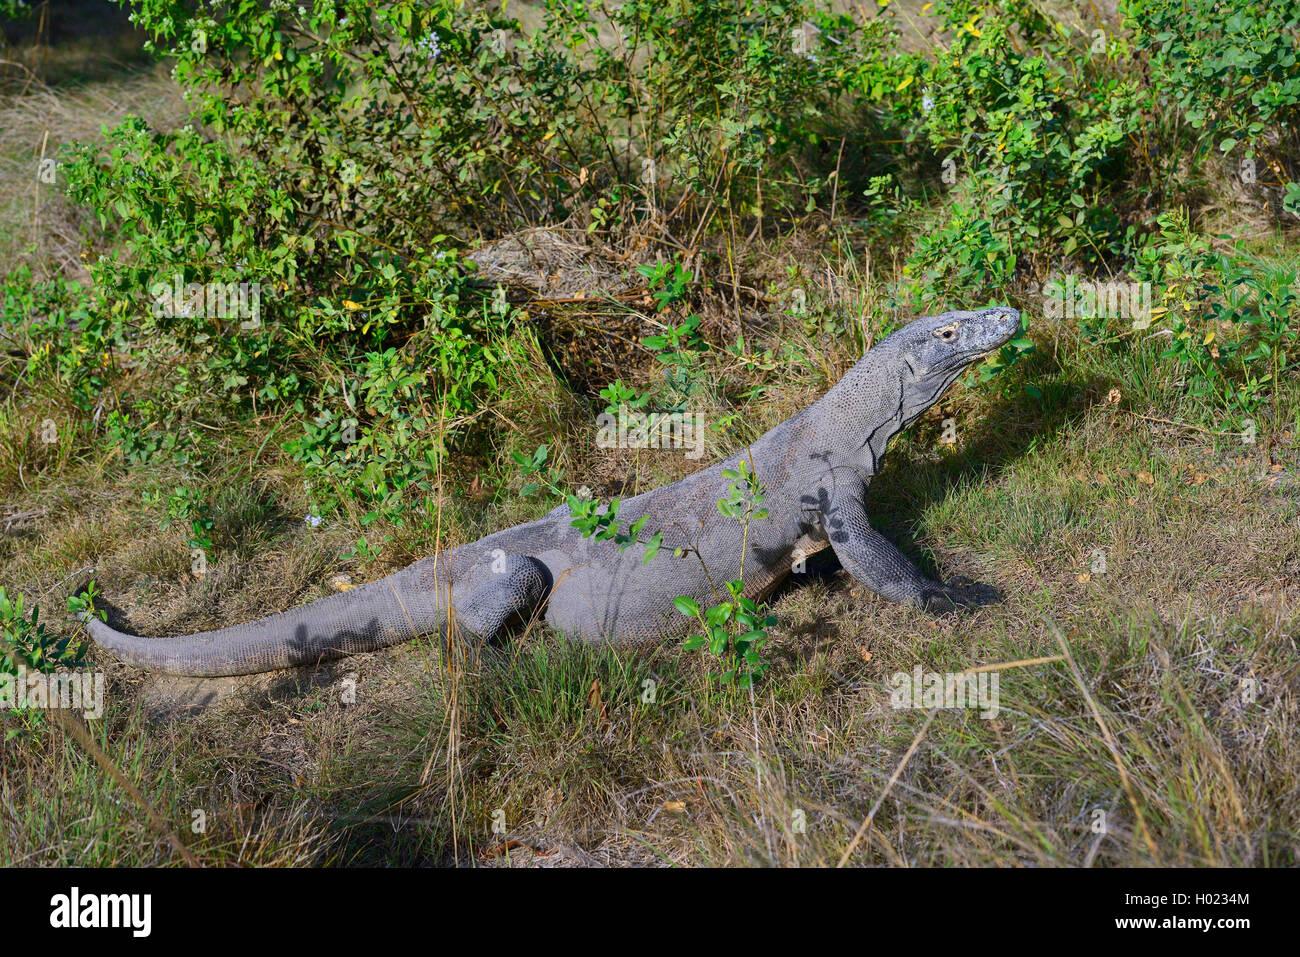 Komodo-Waran, Komodo Waran, Komodowaran (Varanus komodoensis), im Grasland, Seitenansicht, Indonesien, Rinca, Komodo - Stock Image